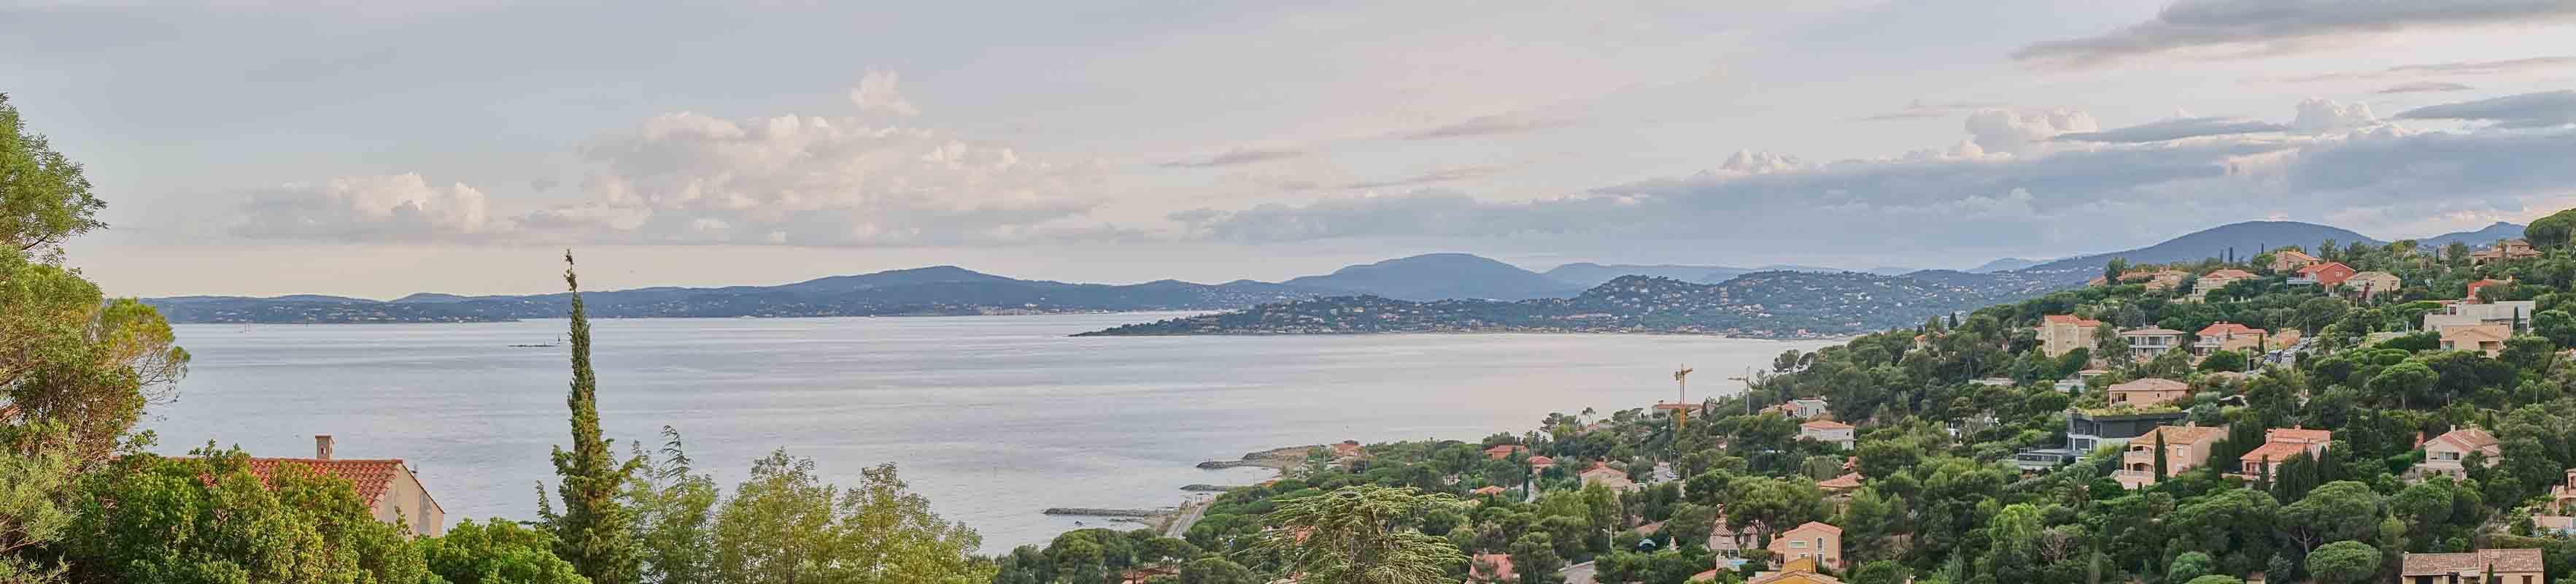 Meerblick vom Balkon des Hauses Cap 138 in Les Issambres auf den Golf von St.Tropez an der Cote d Azur in Südfrankreich